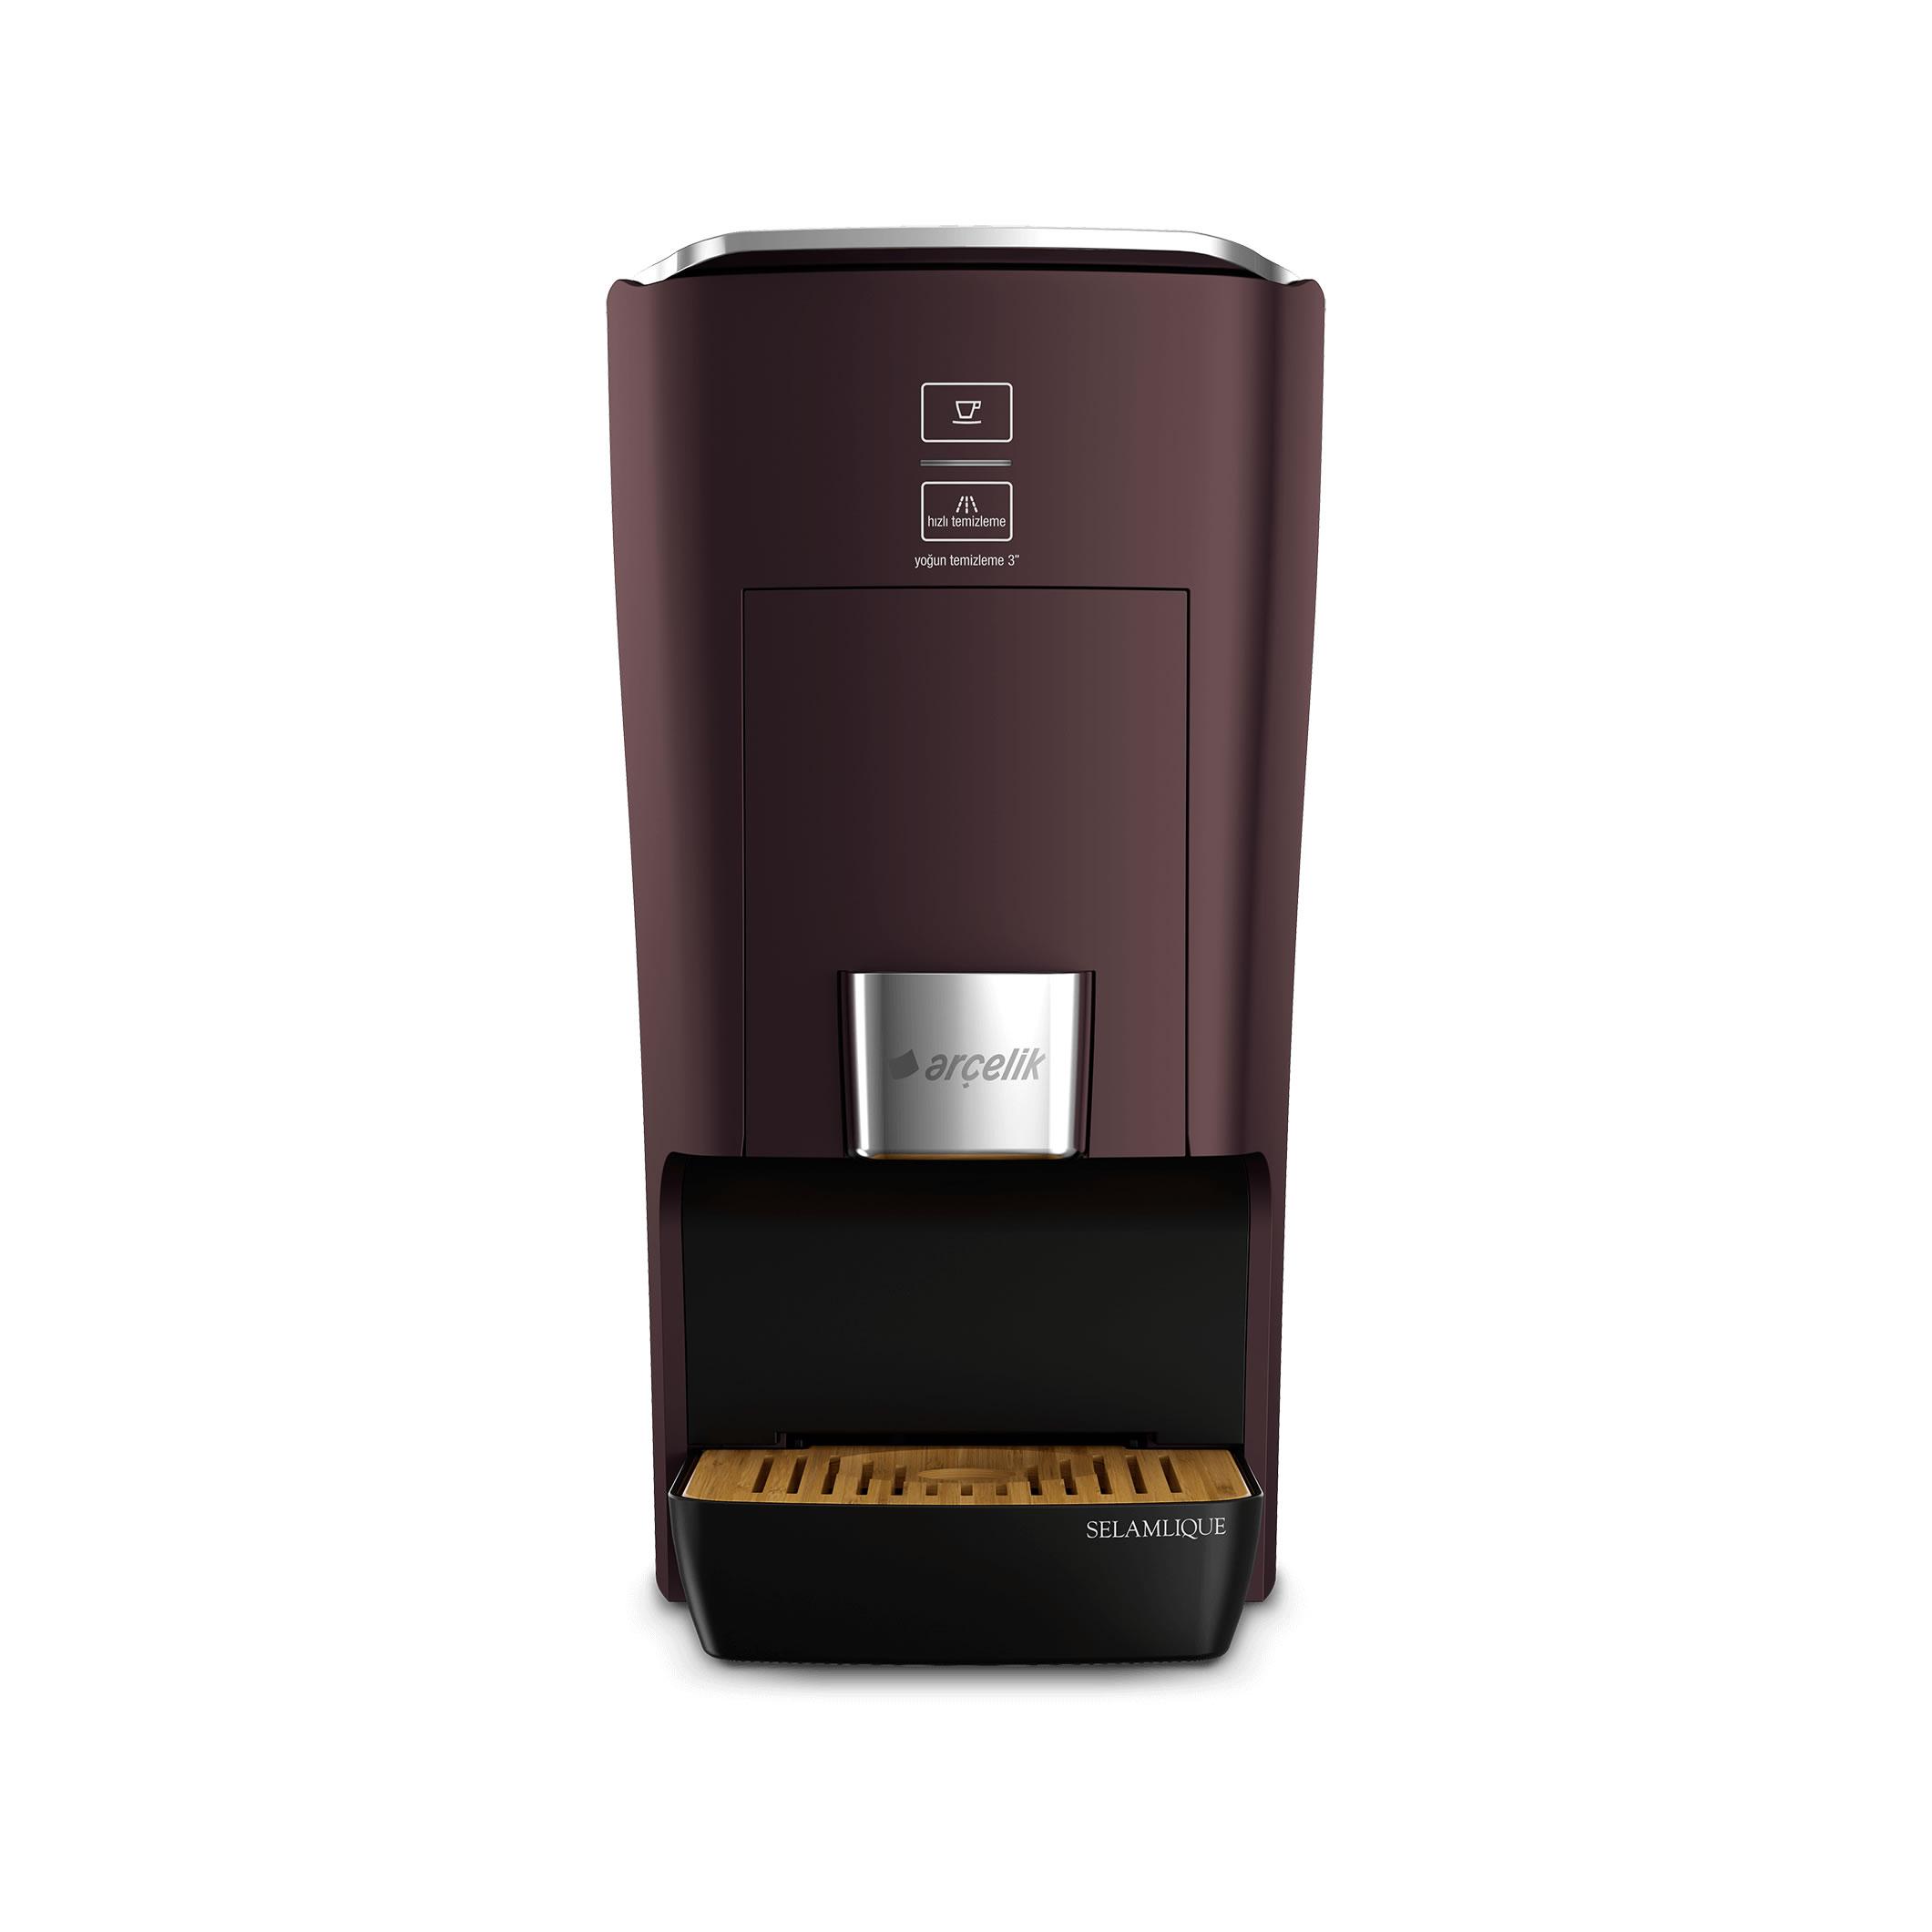 قهوه ساز  آرچلیک مدل K-3500